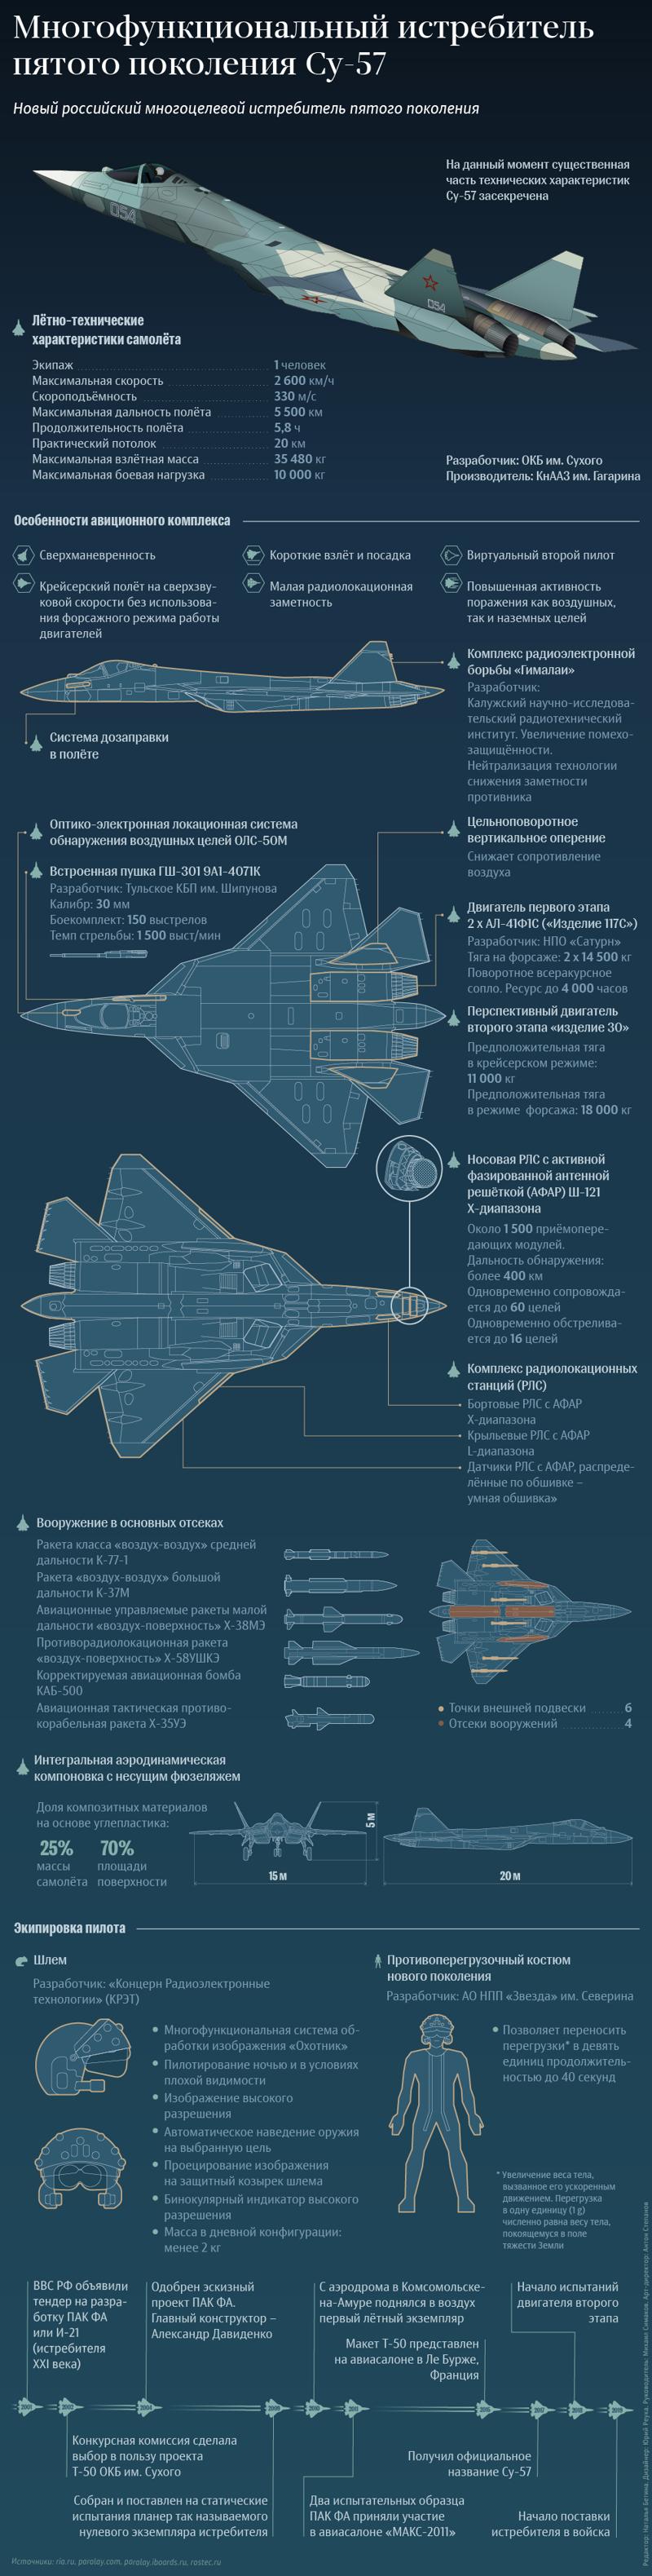 Еще раз о СУ-57 ПАК ФА, Т- 50, инфографика, су 57